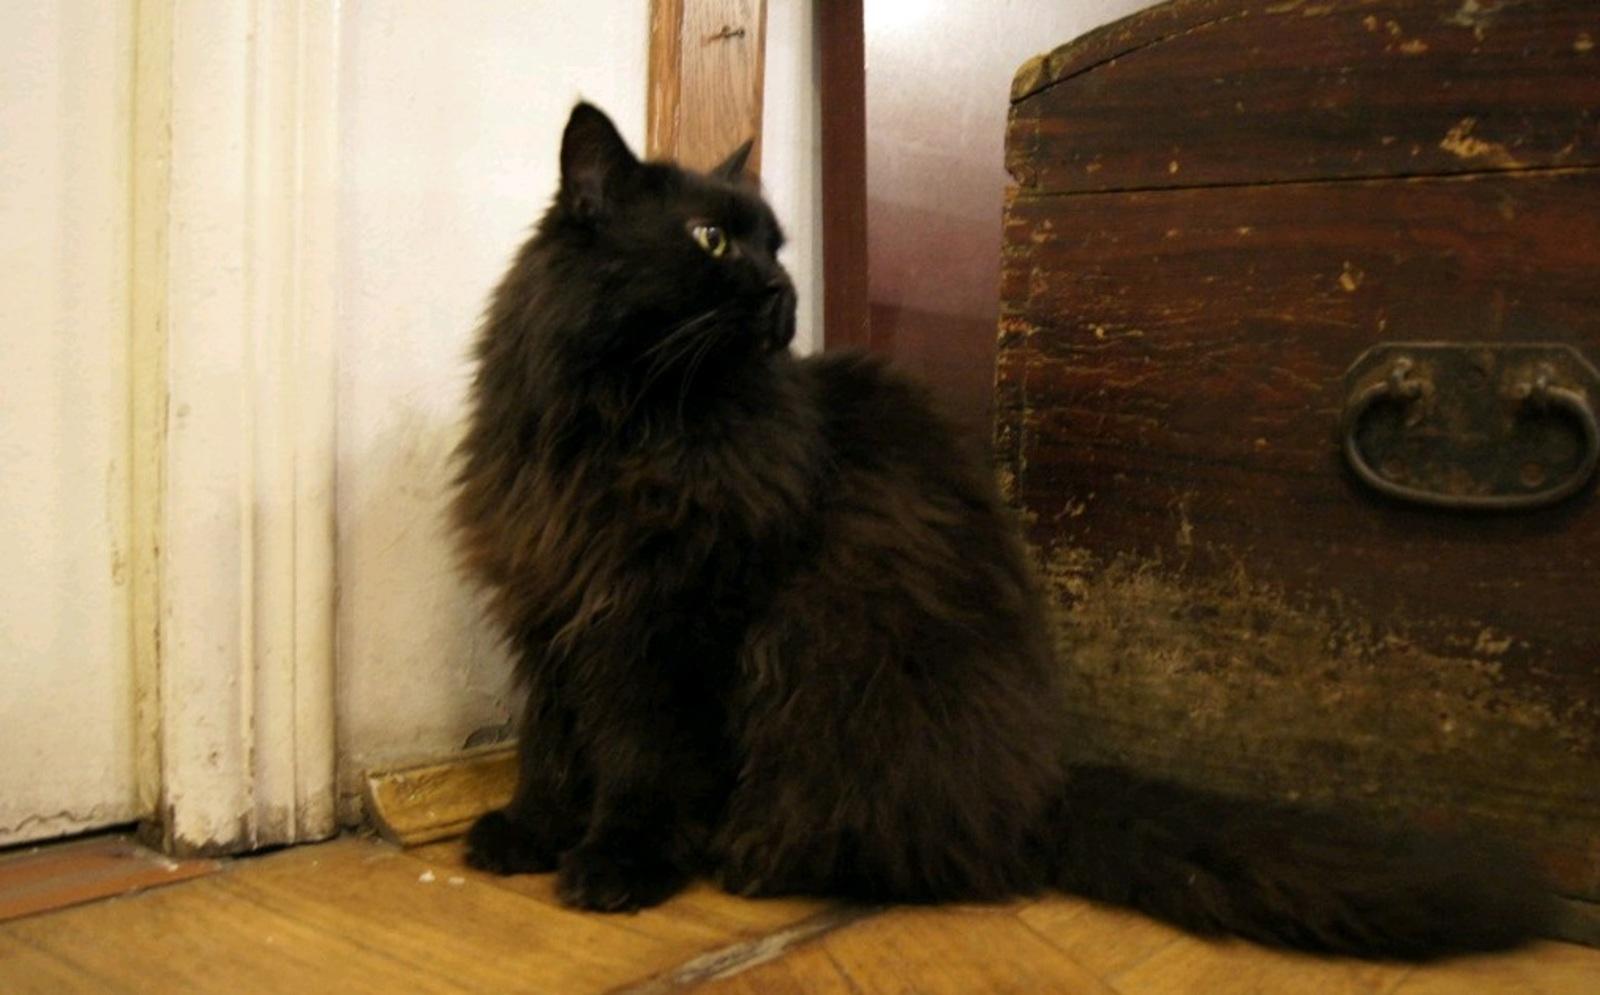 Музей-театр «Булгаковский дом» разыскивает украденного кота Бегемота